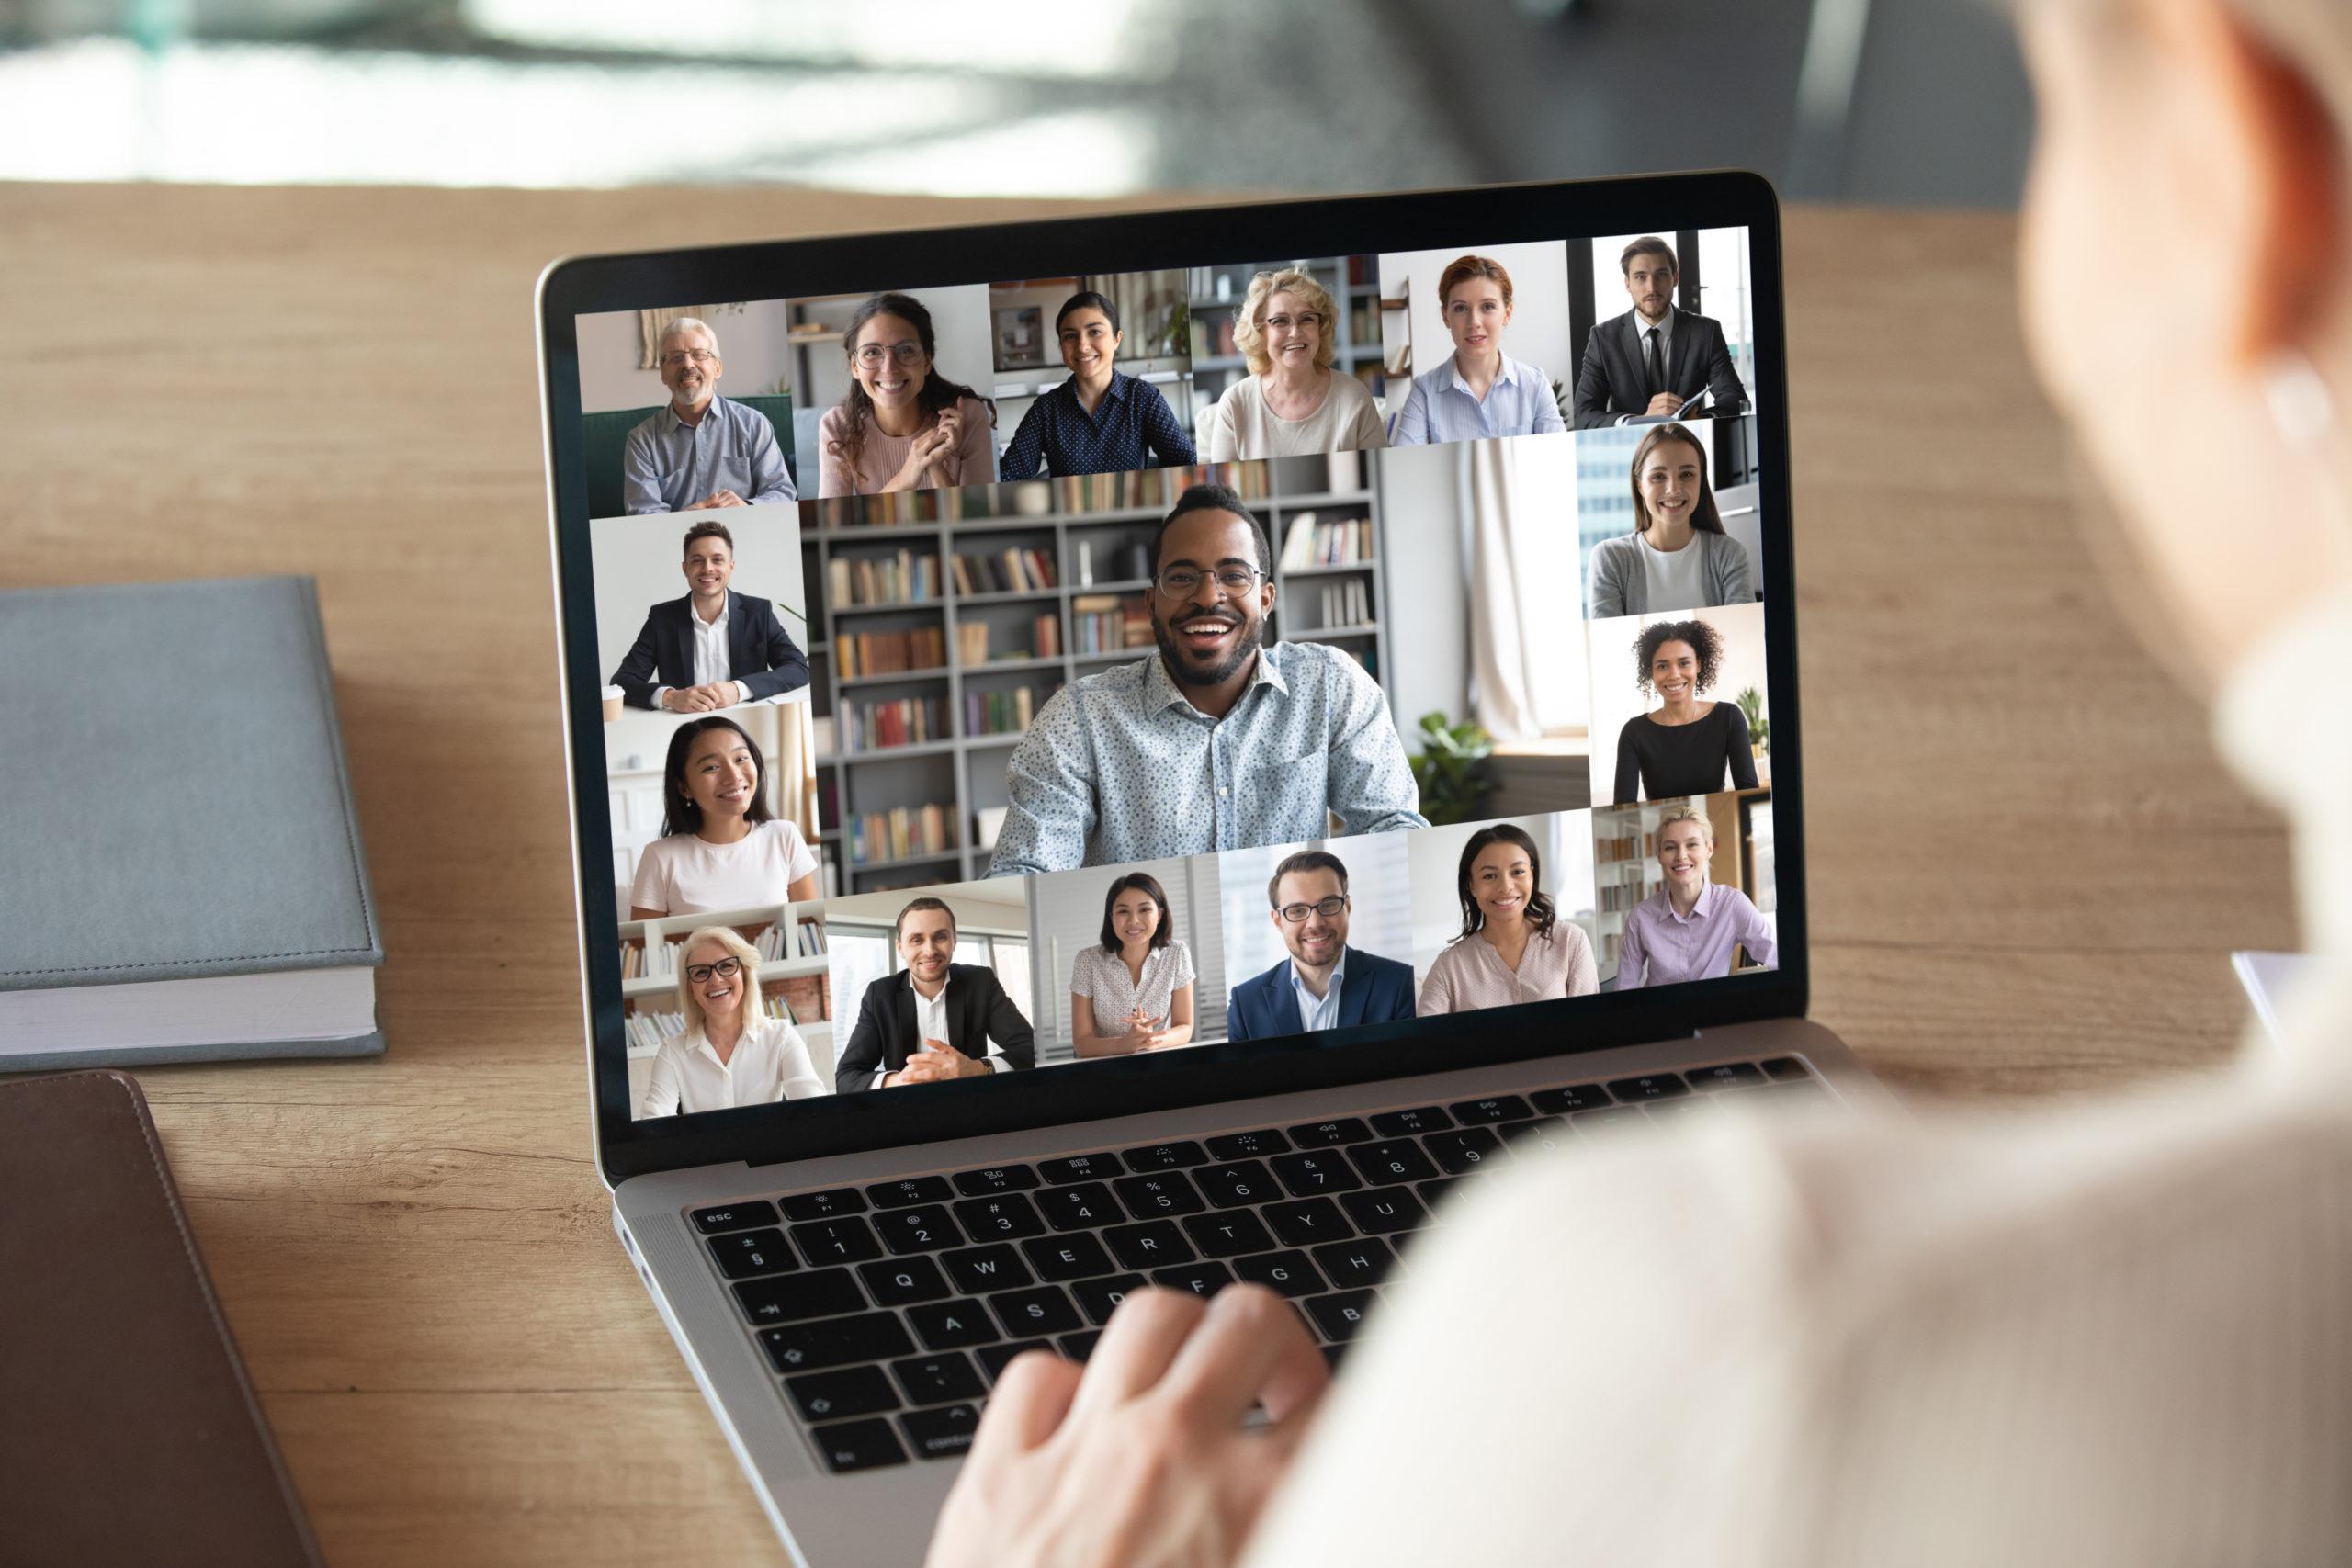 Virtueller Online-Kongress - LIVE